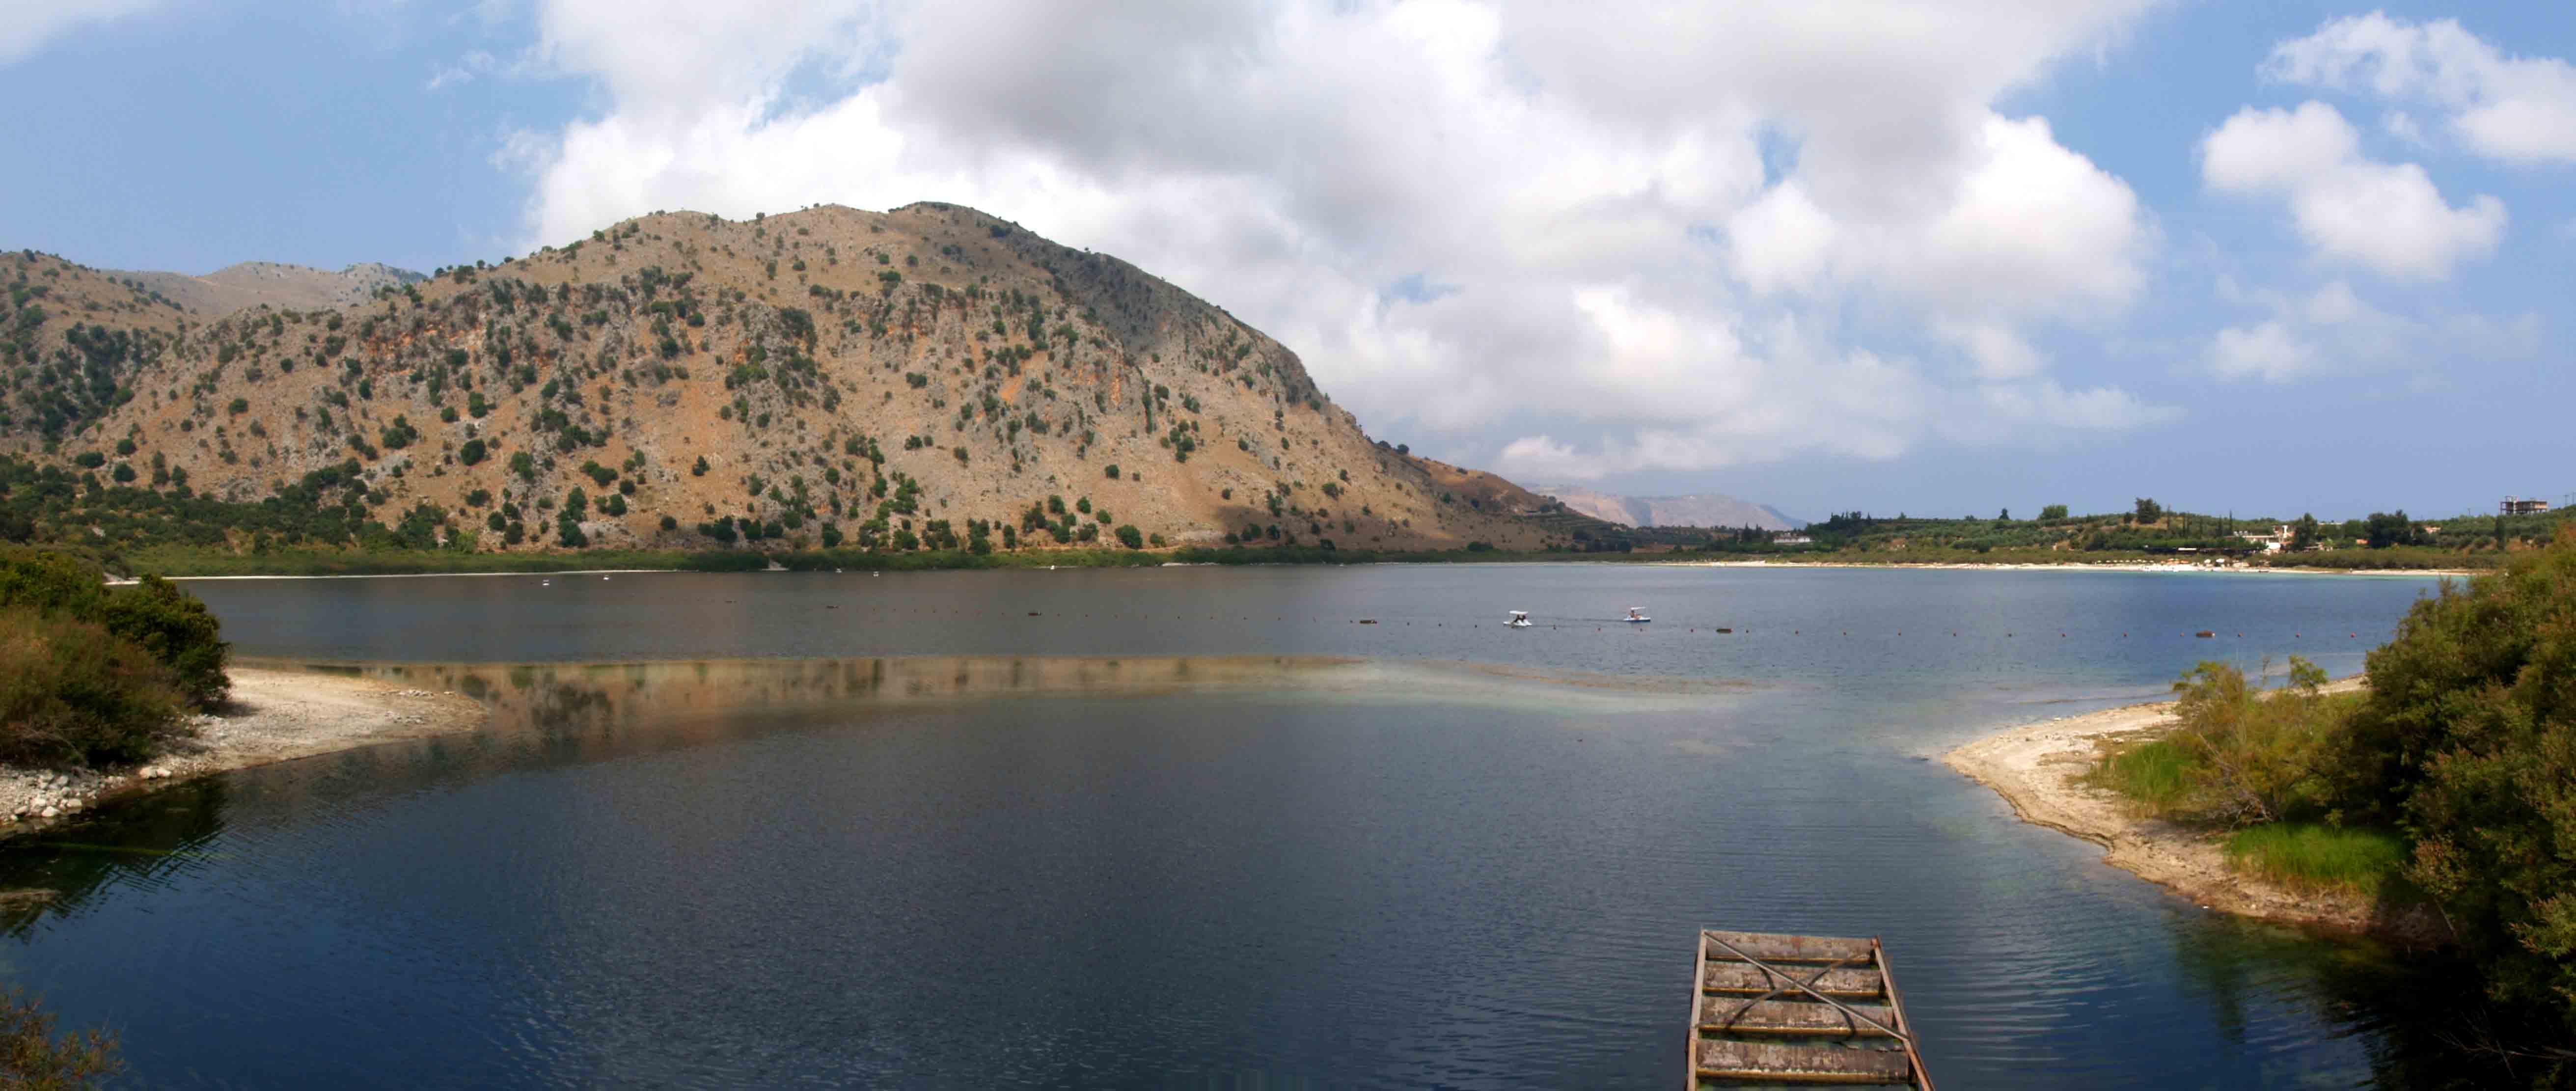 λιμνη κουρνά